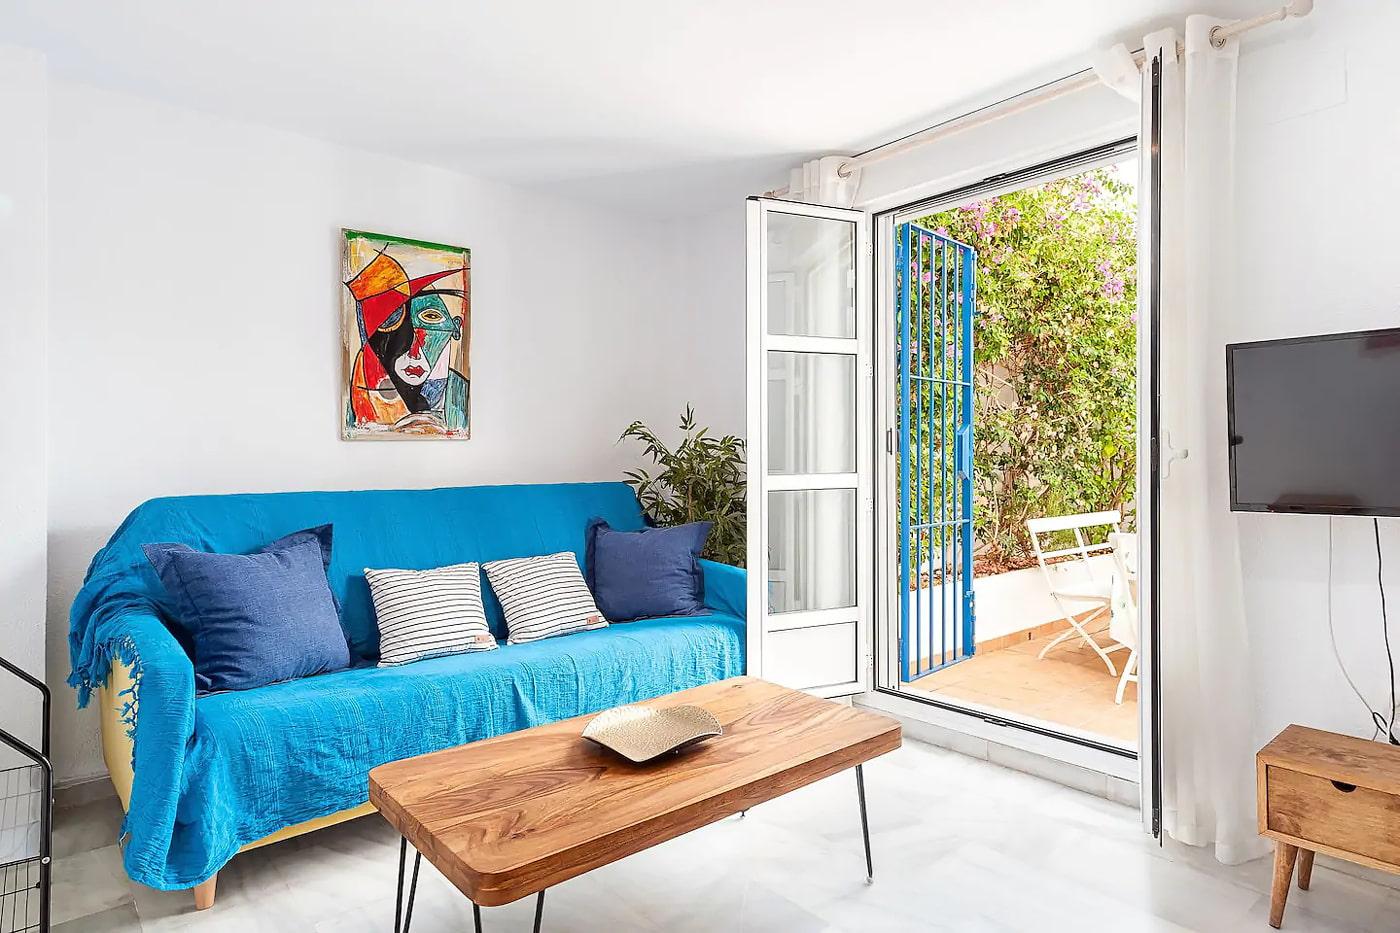 Apartment rental in the heart of Conil de la Frontera